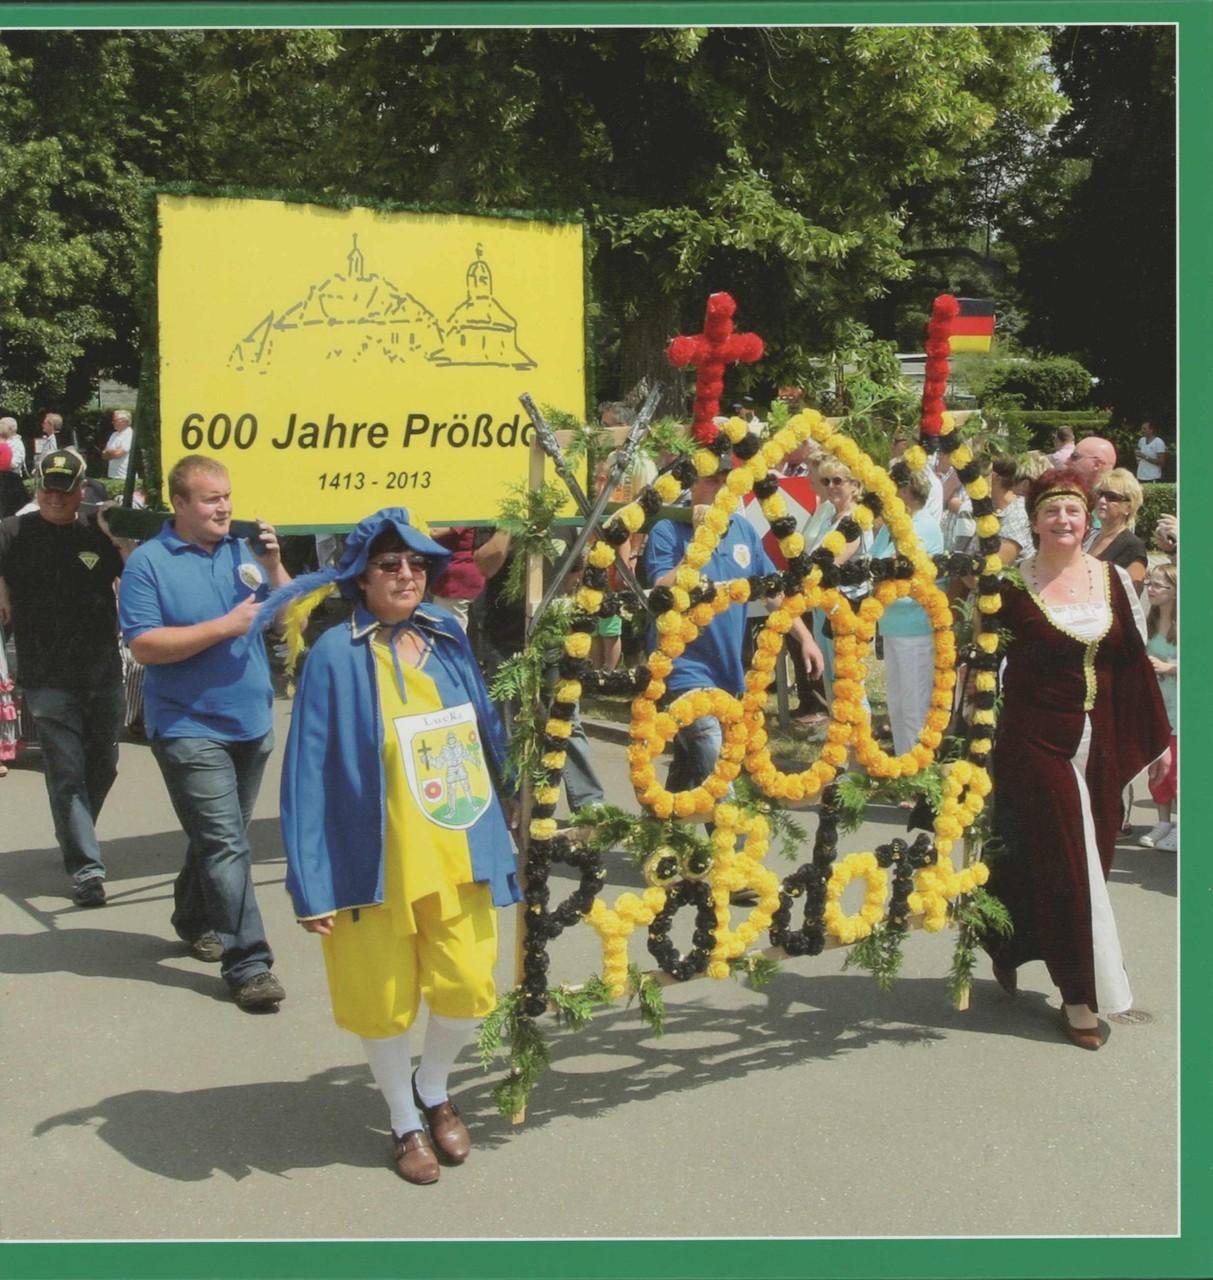 Prößdorf 600 Jahr-Feier 2013; Festbuch-Titelbild